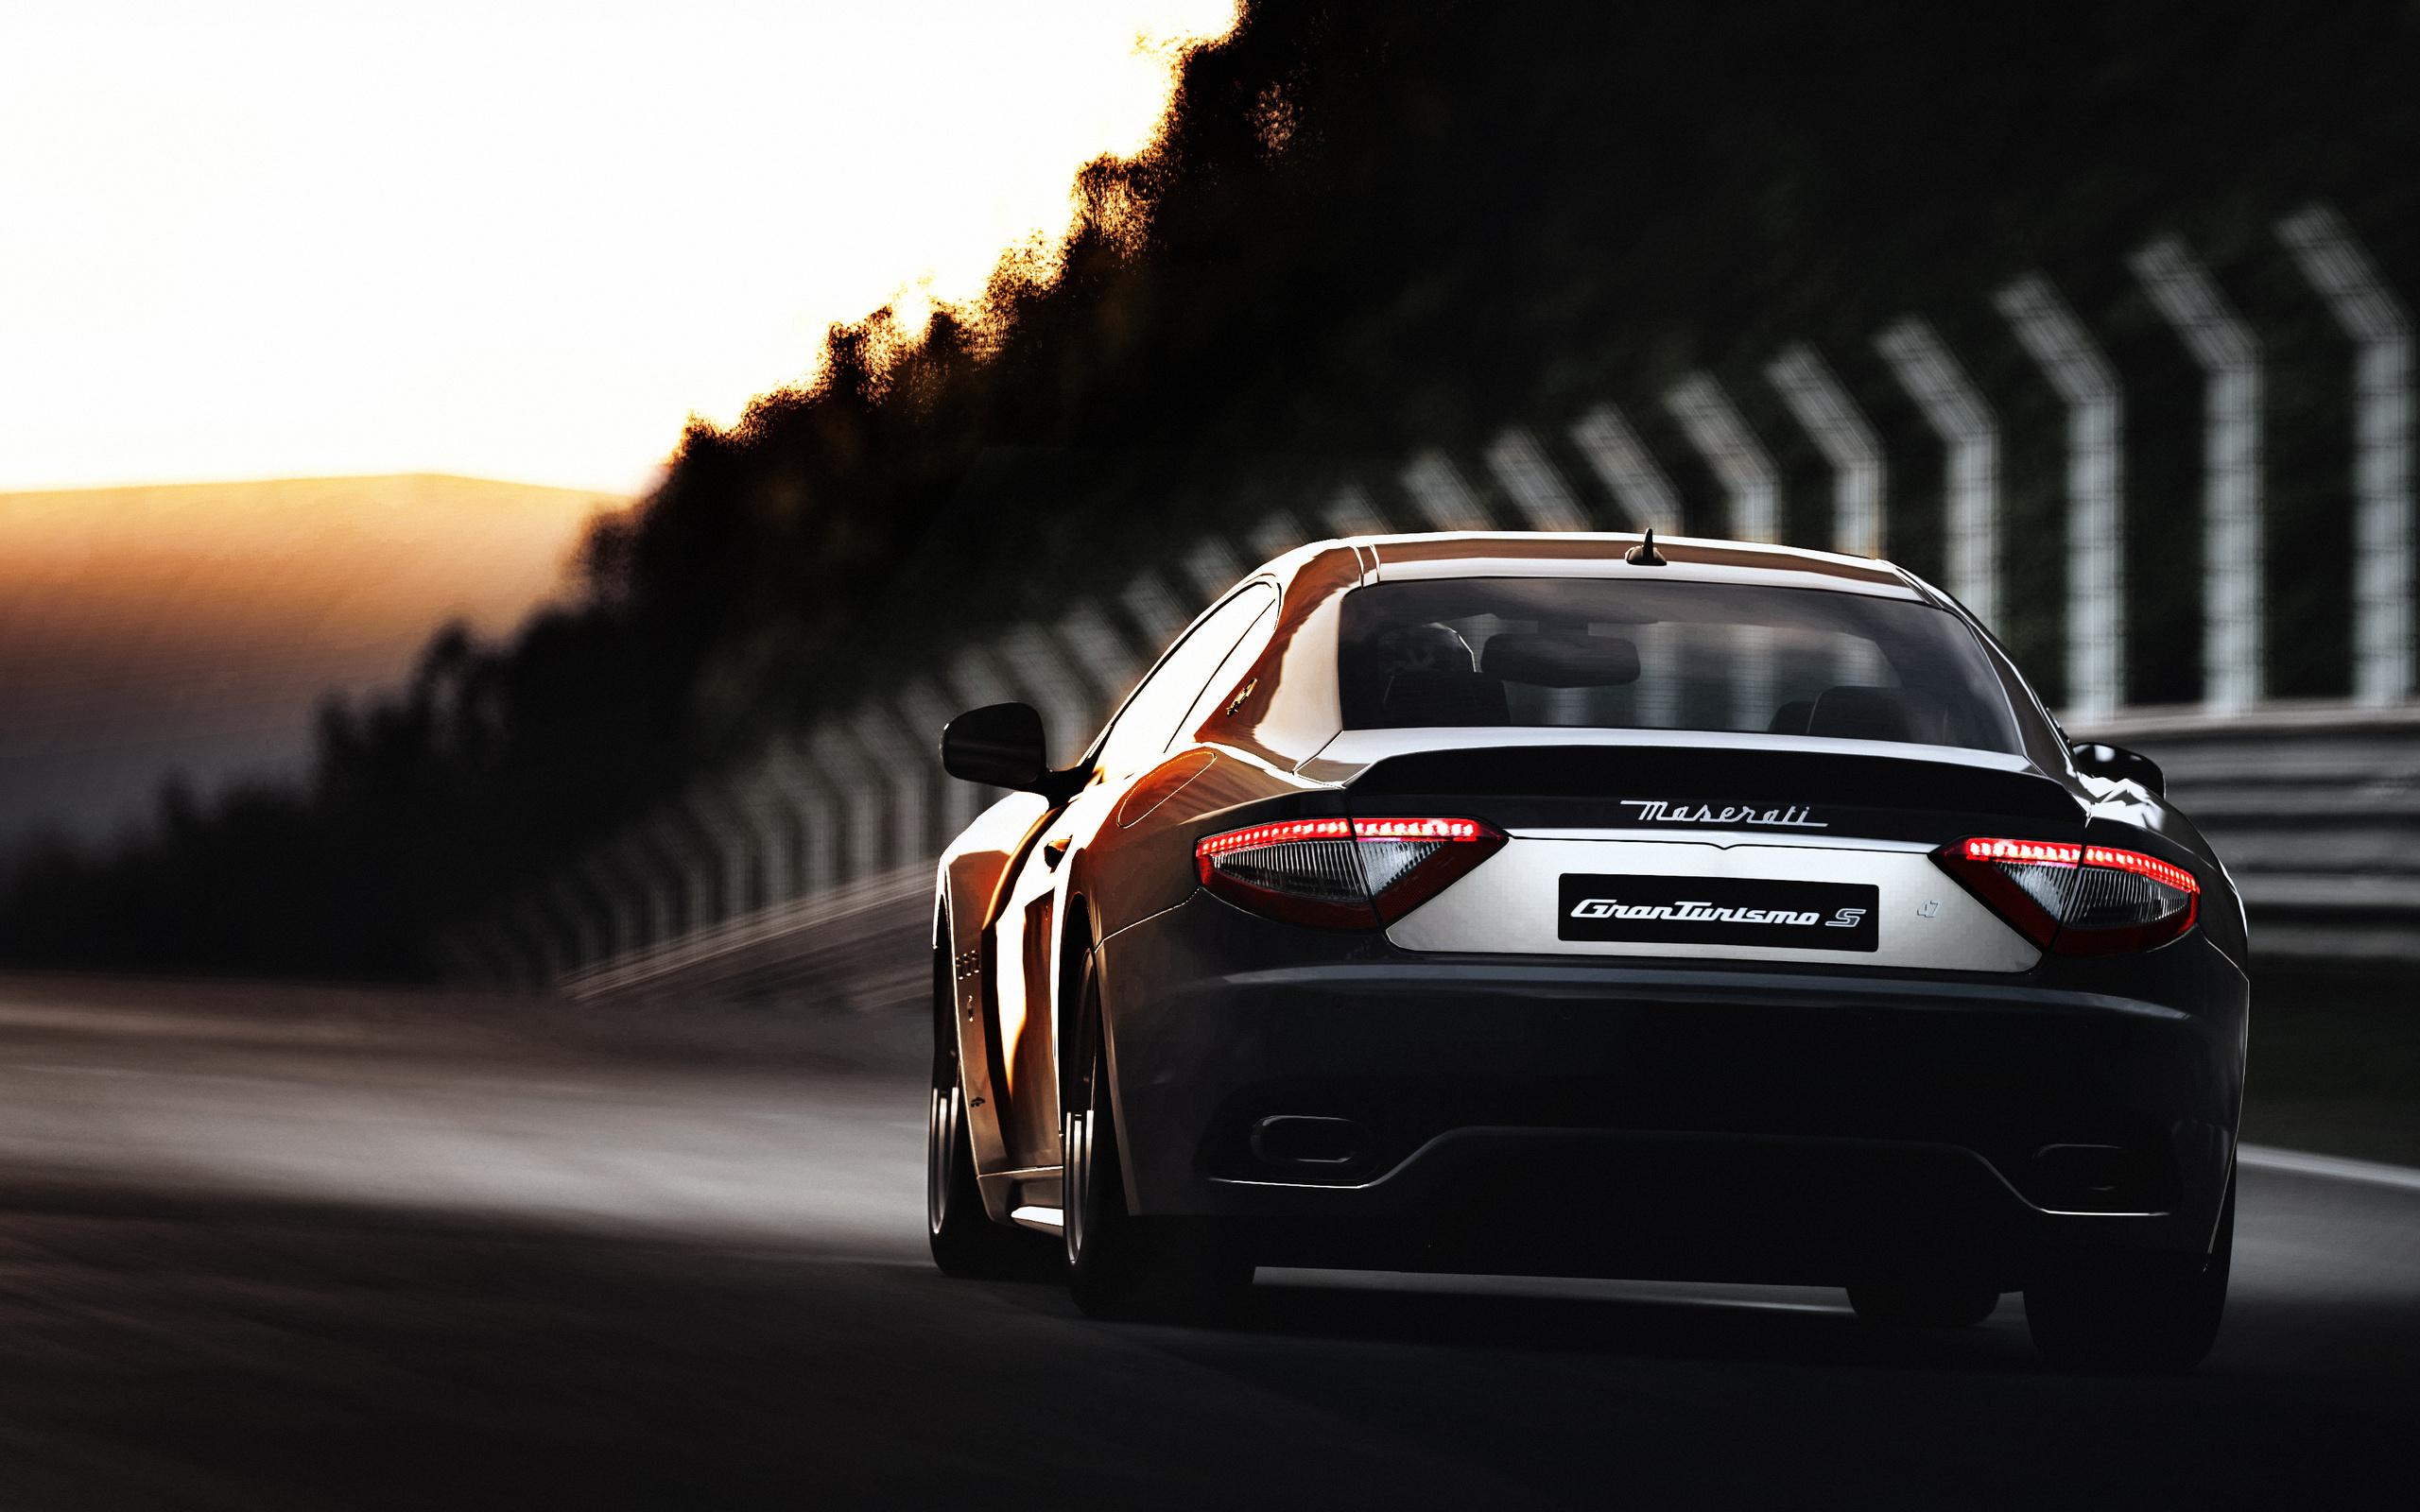 Maserati Granturismo Hd Wallpaper Background Image 2560x1600